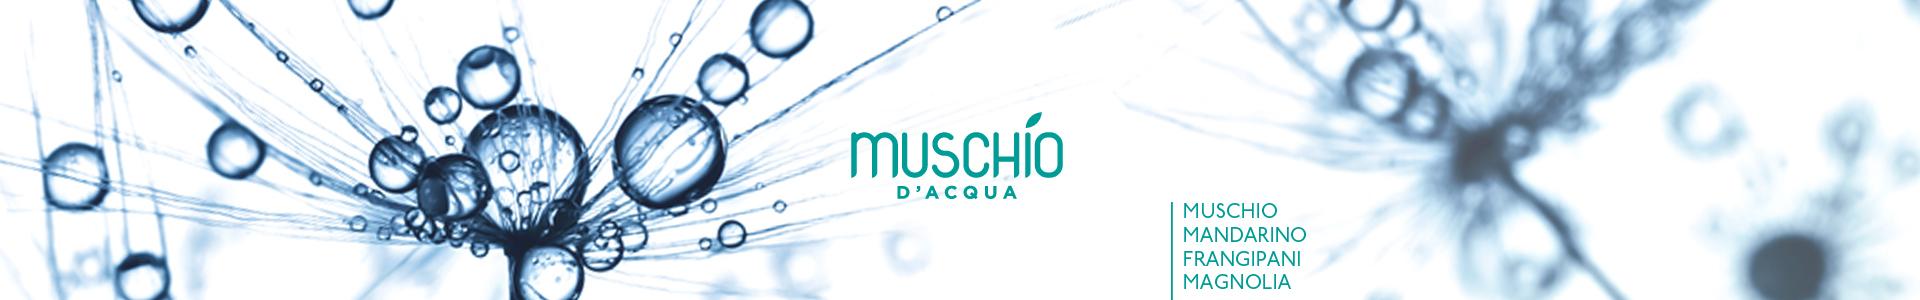 Muschio d'Acqua